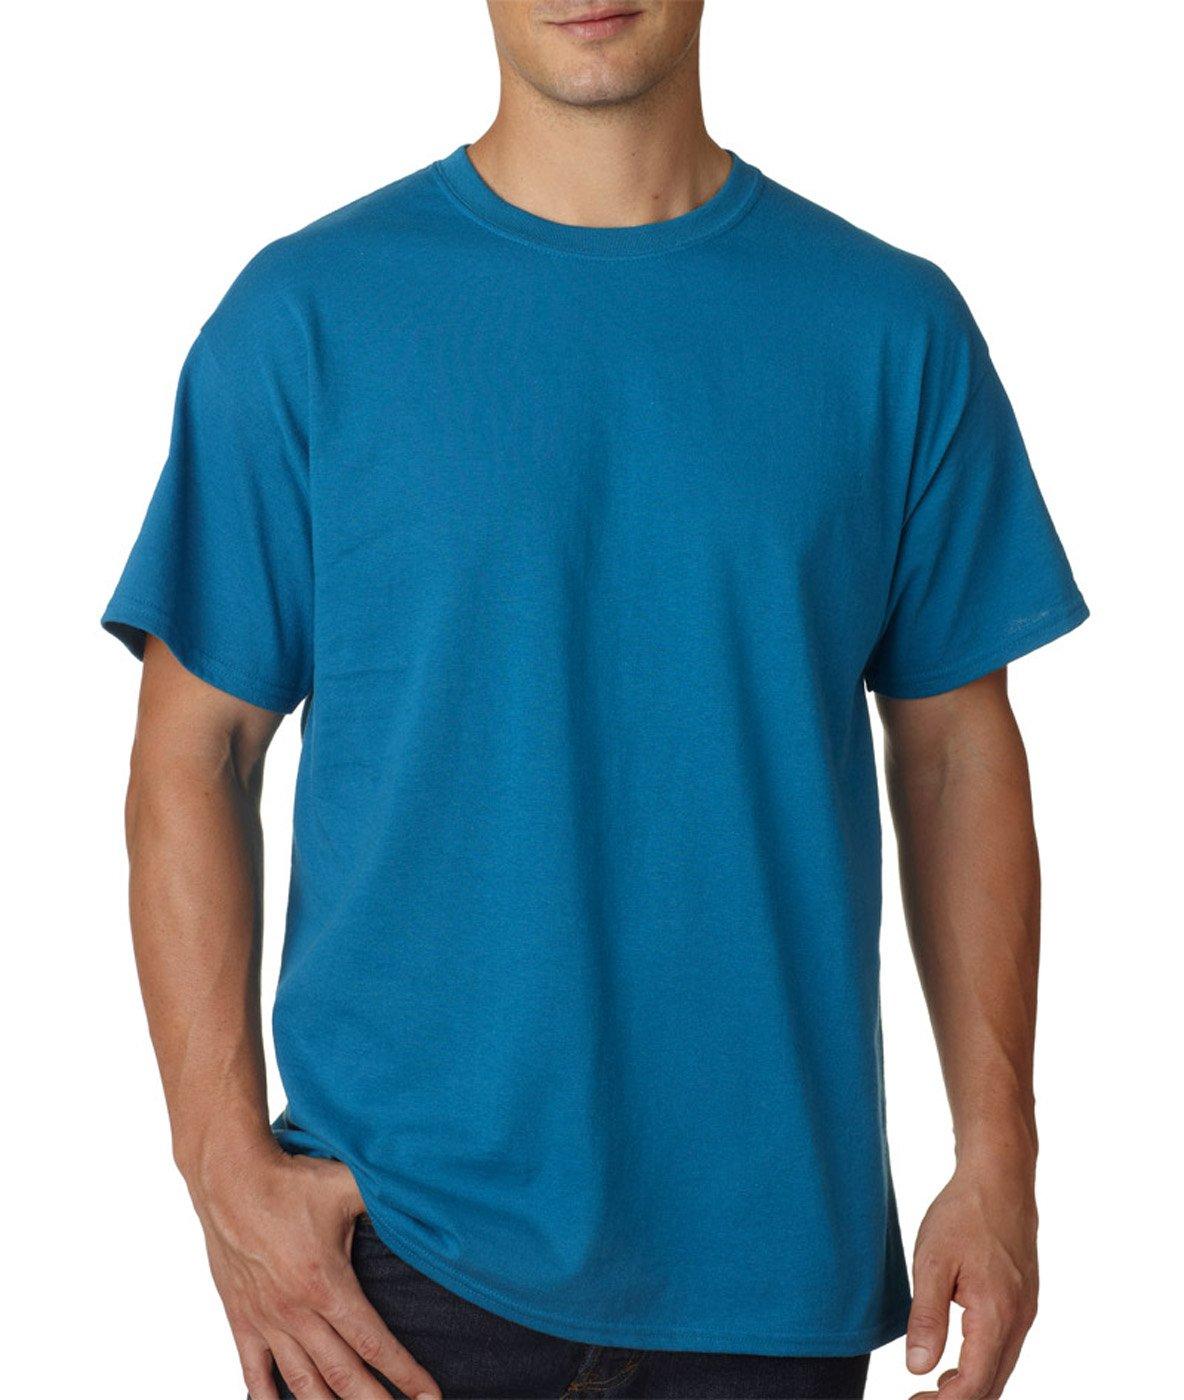 (ギルダン) Gildan メンズ ウルトラコットン クルーネック 半袖Tシャツ トップス 半袖カットソー 定番アイテム 男性用 B01FDZB2QM Large|Galapogos Blue Galapogos Blue Large